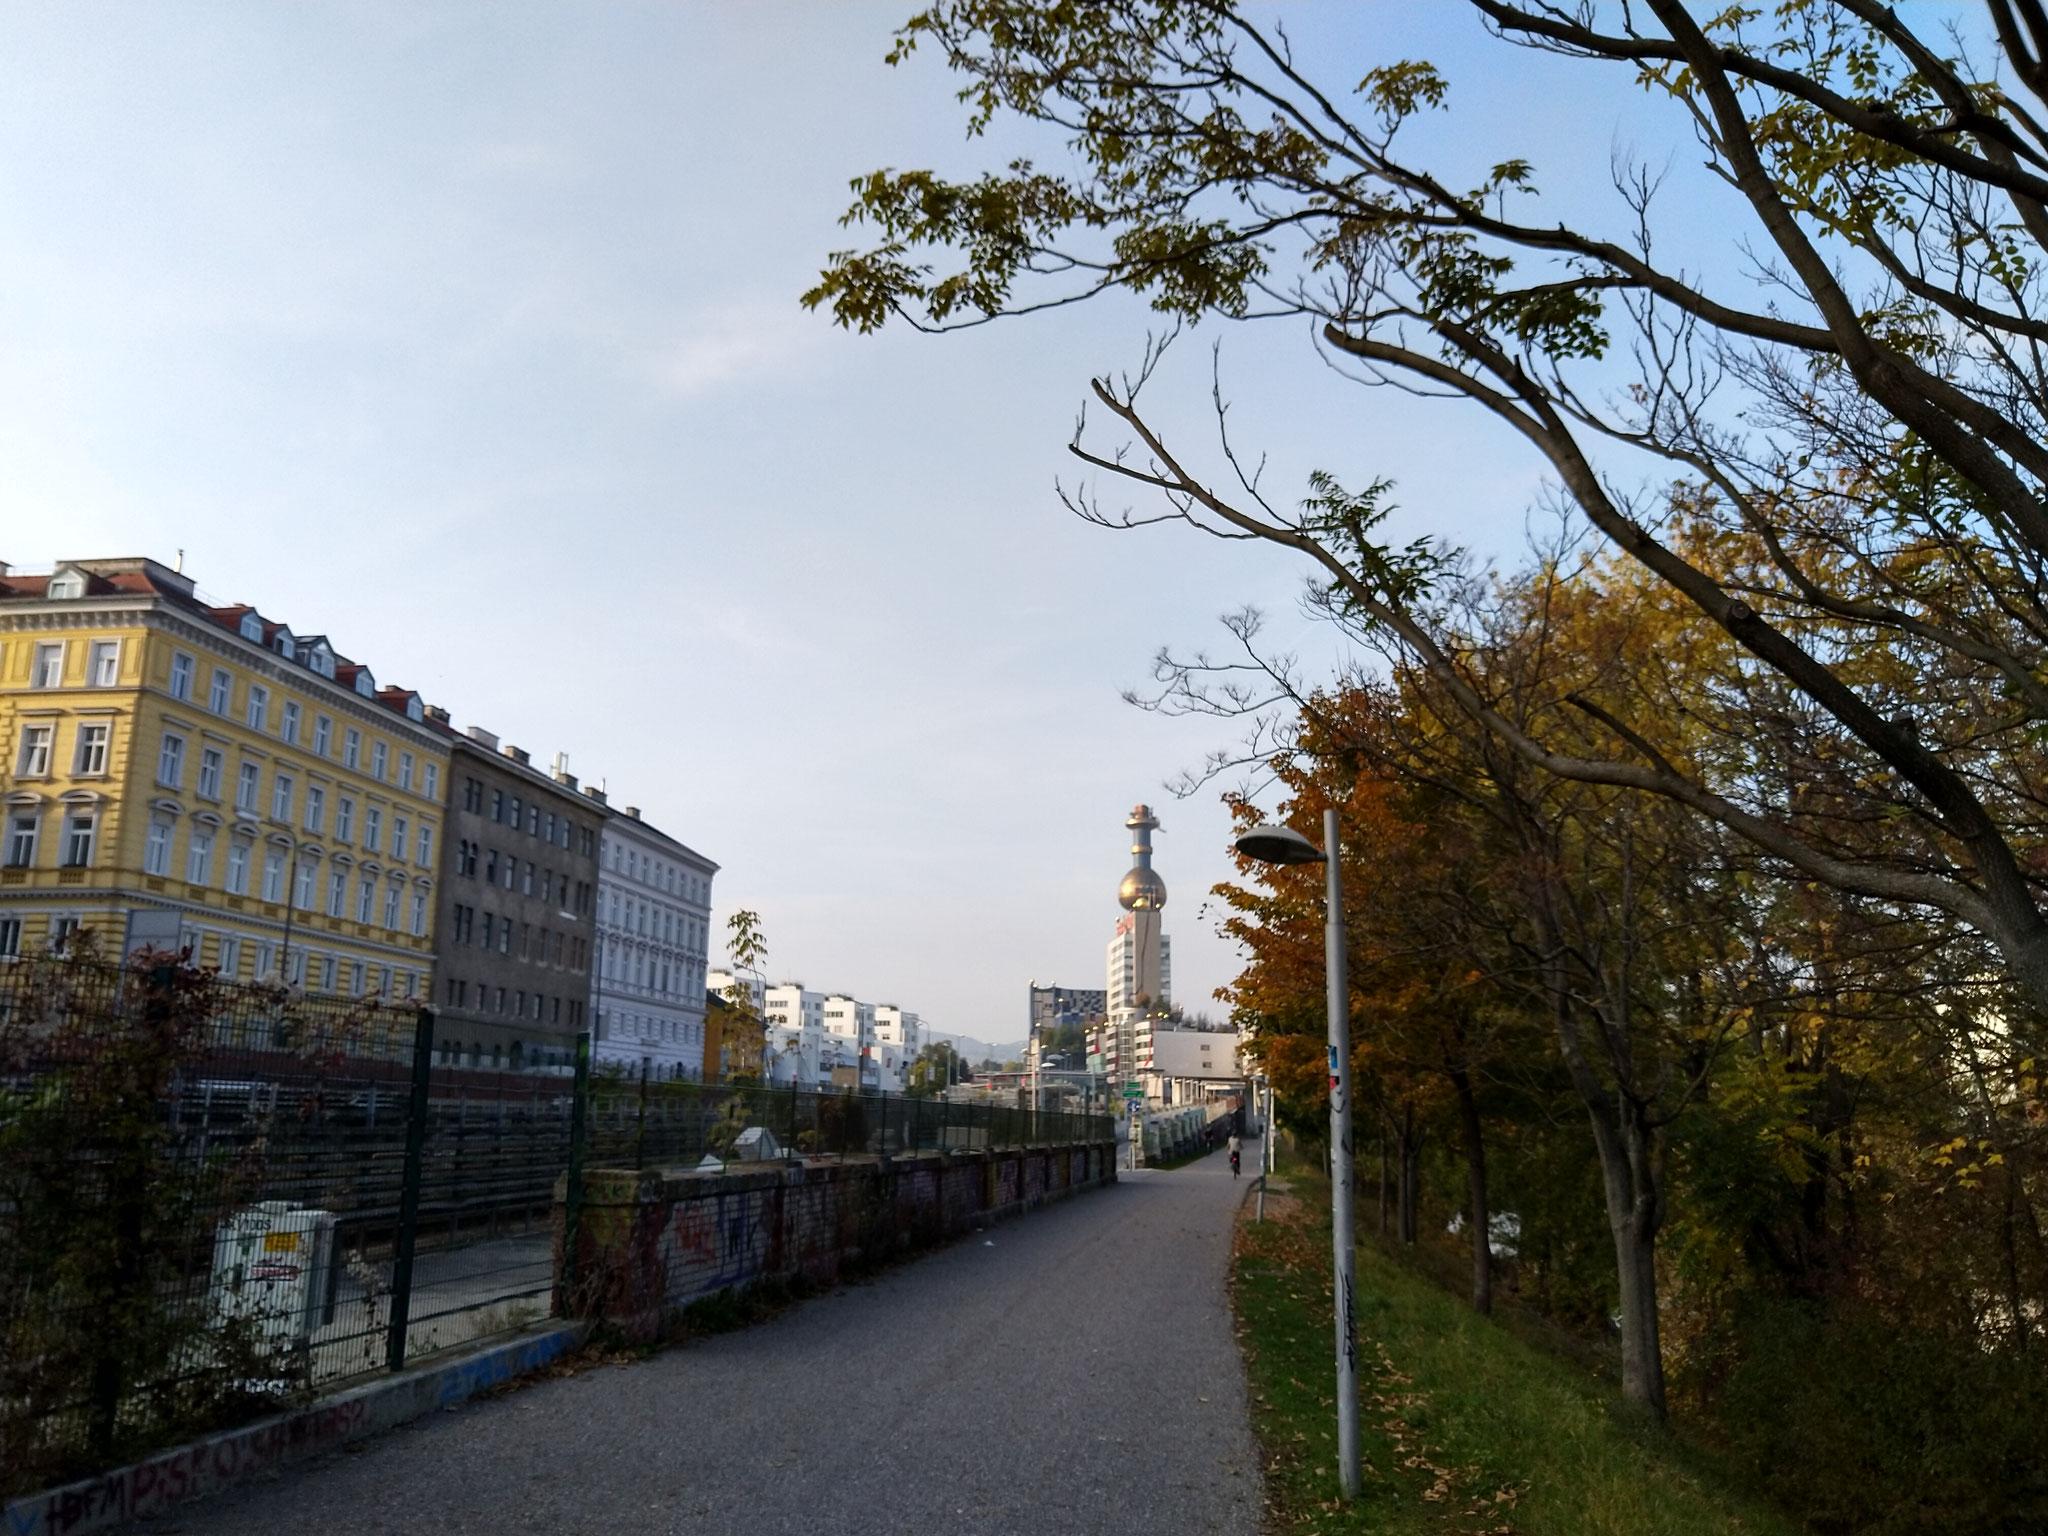 Giro Donaukanal in bici - Hundertwasser Spittelau